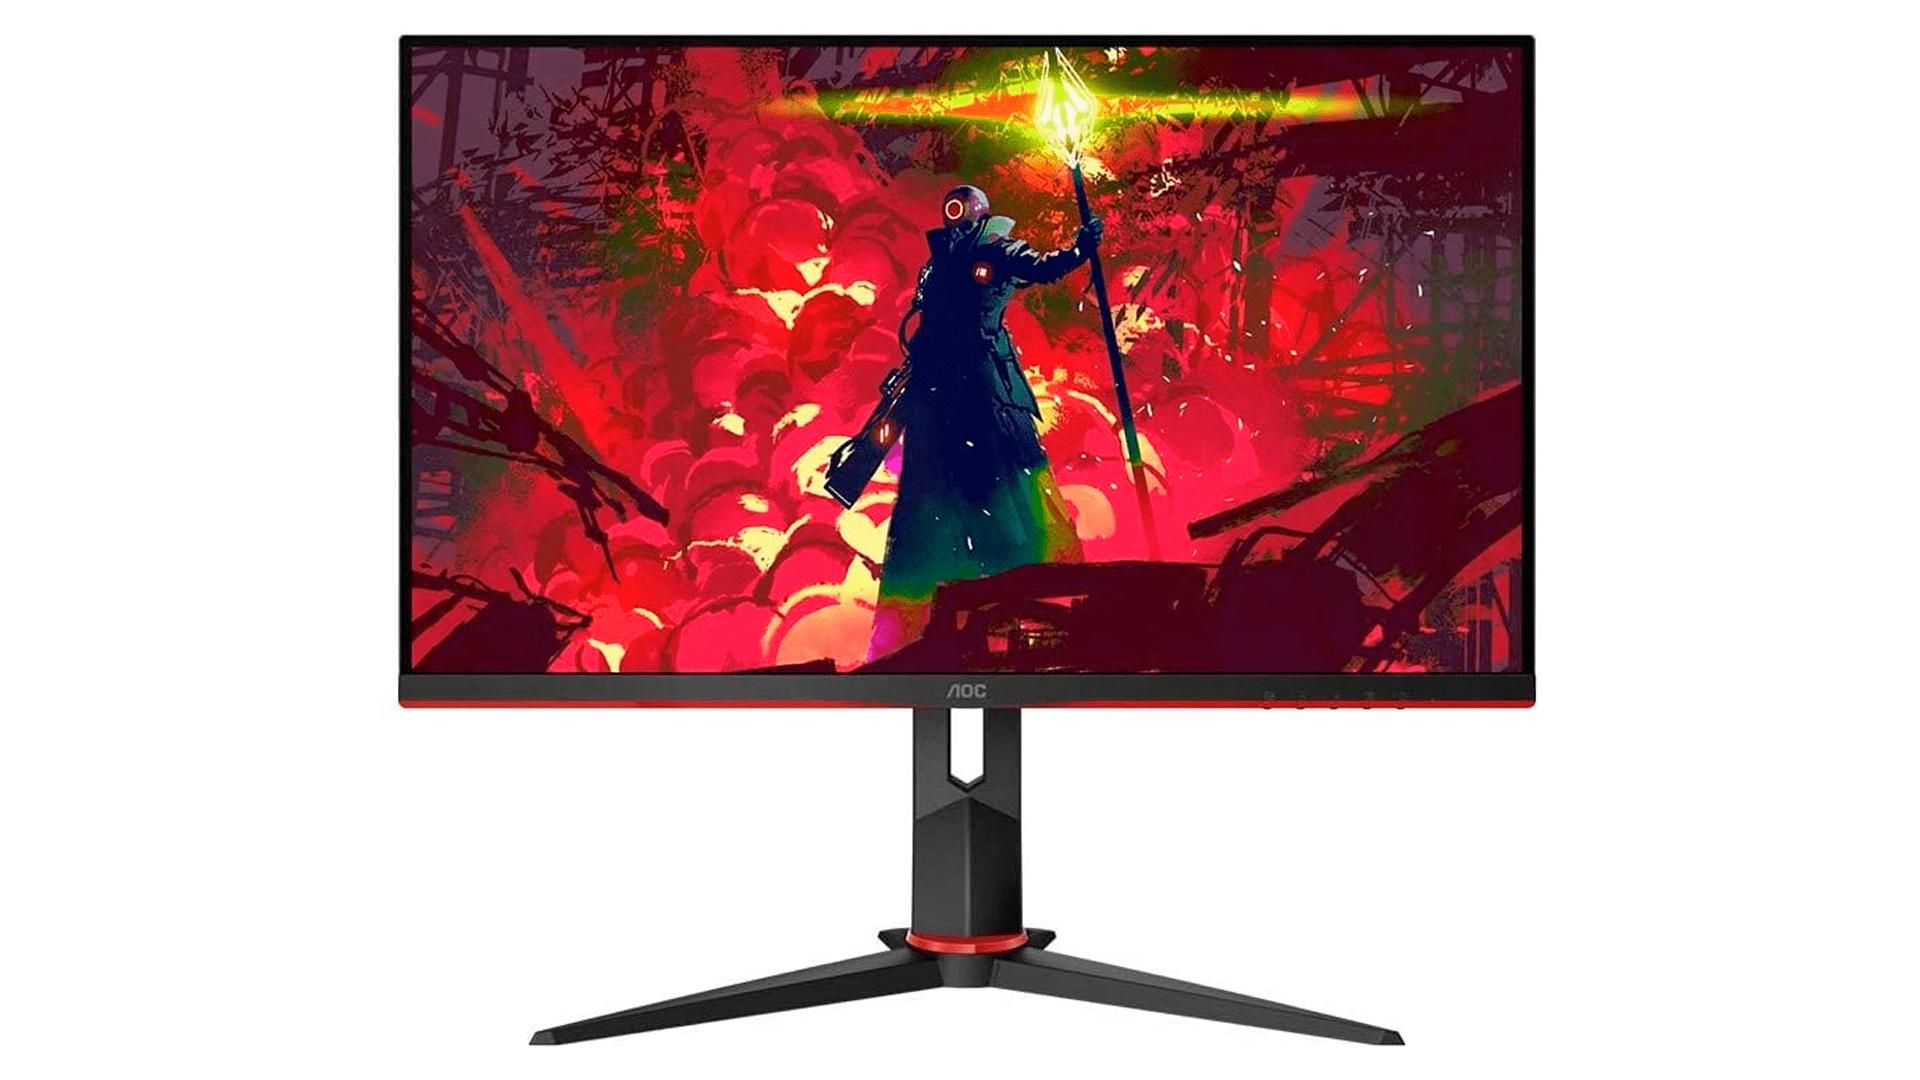 Veja detalhes do monitor gamer IPS 24 AOC Full HD Hero 24G2 (Foto: Divulgação/AOC)